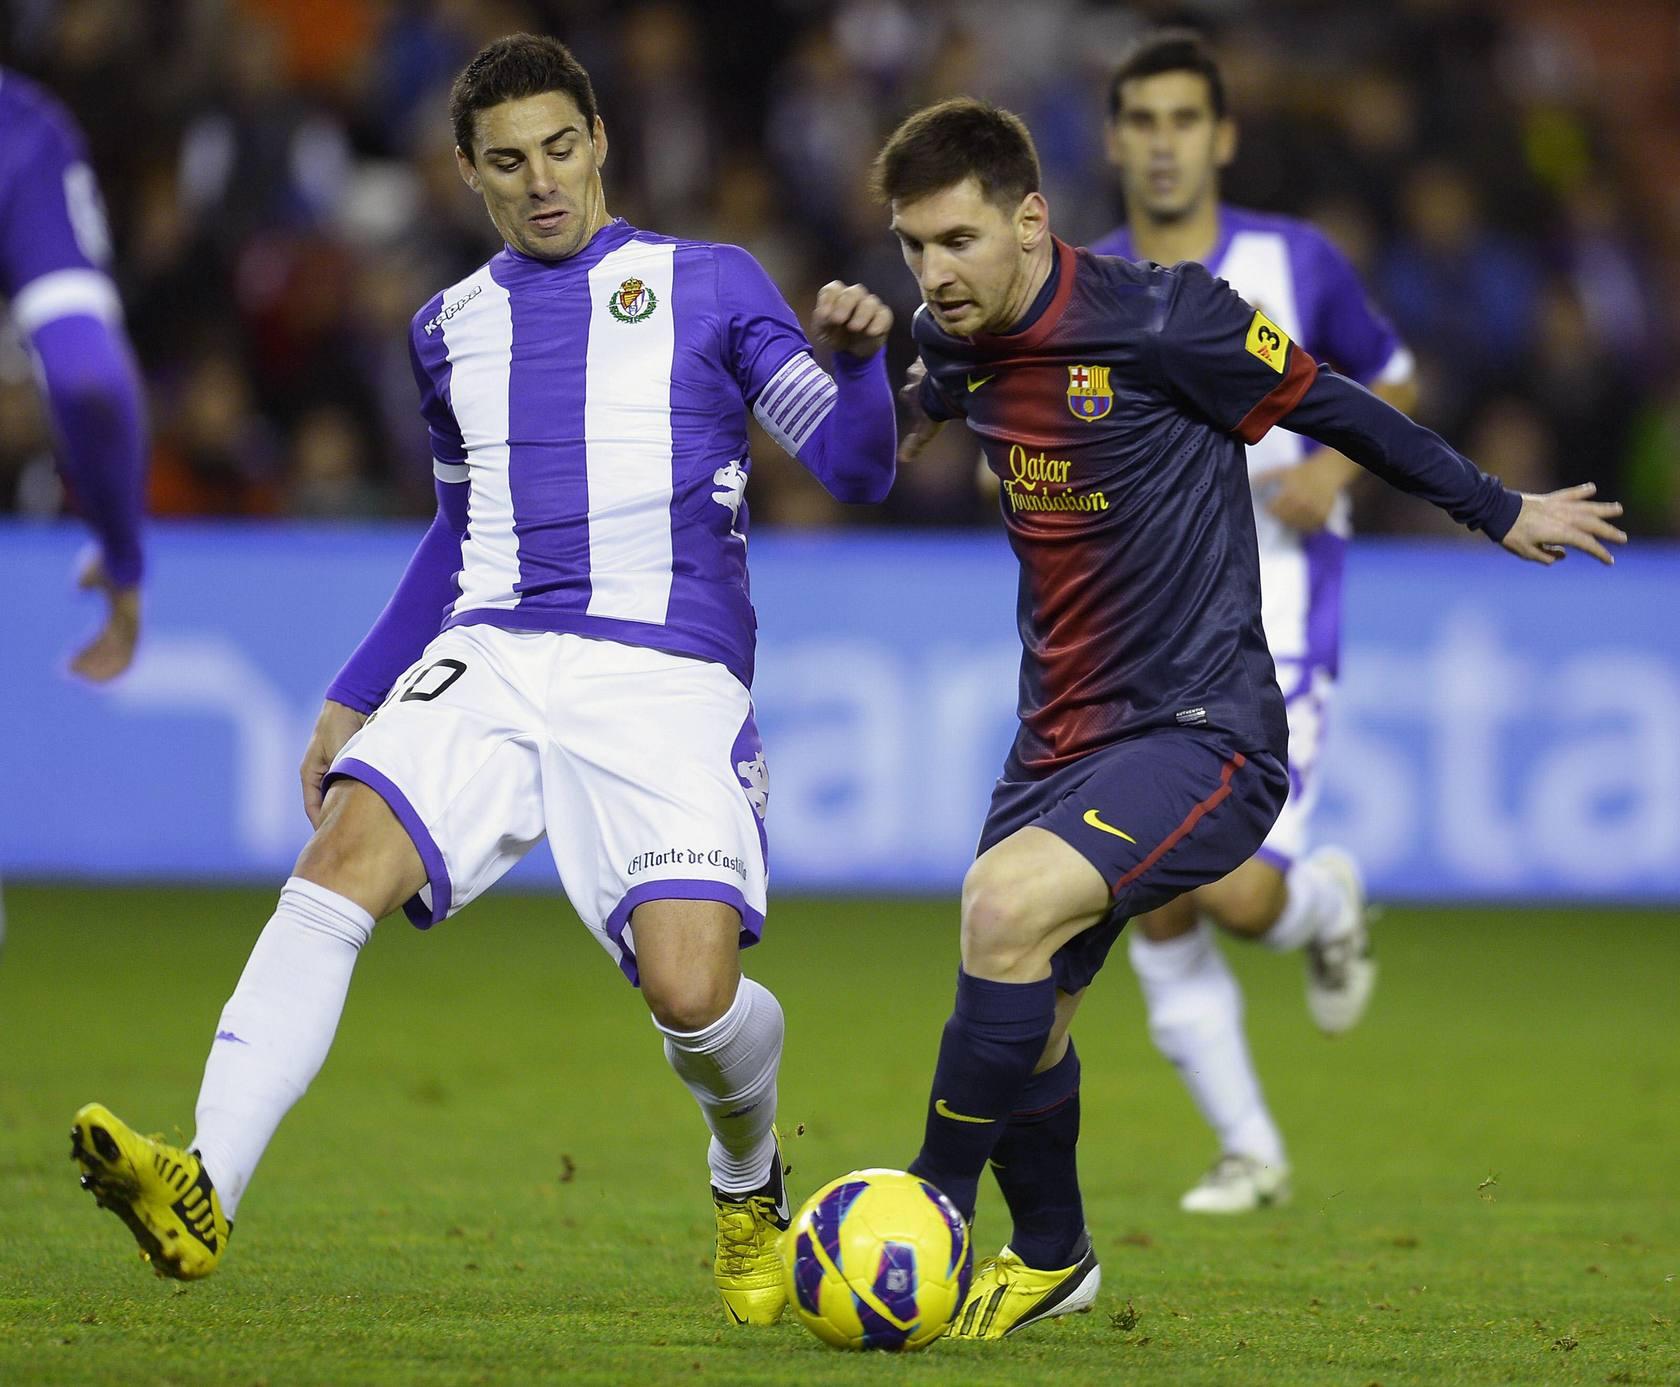 El Barcelona vence en Valladolid